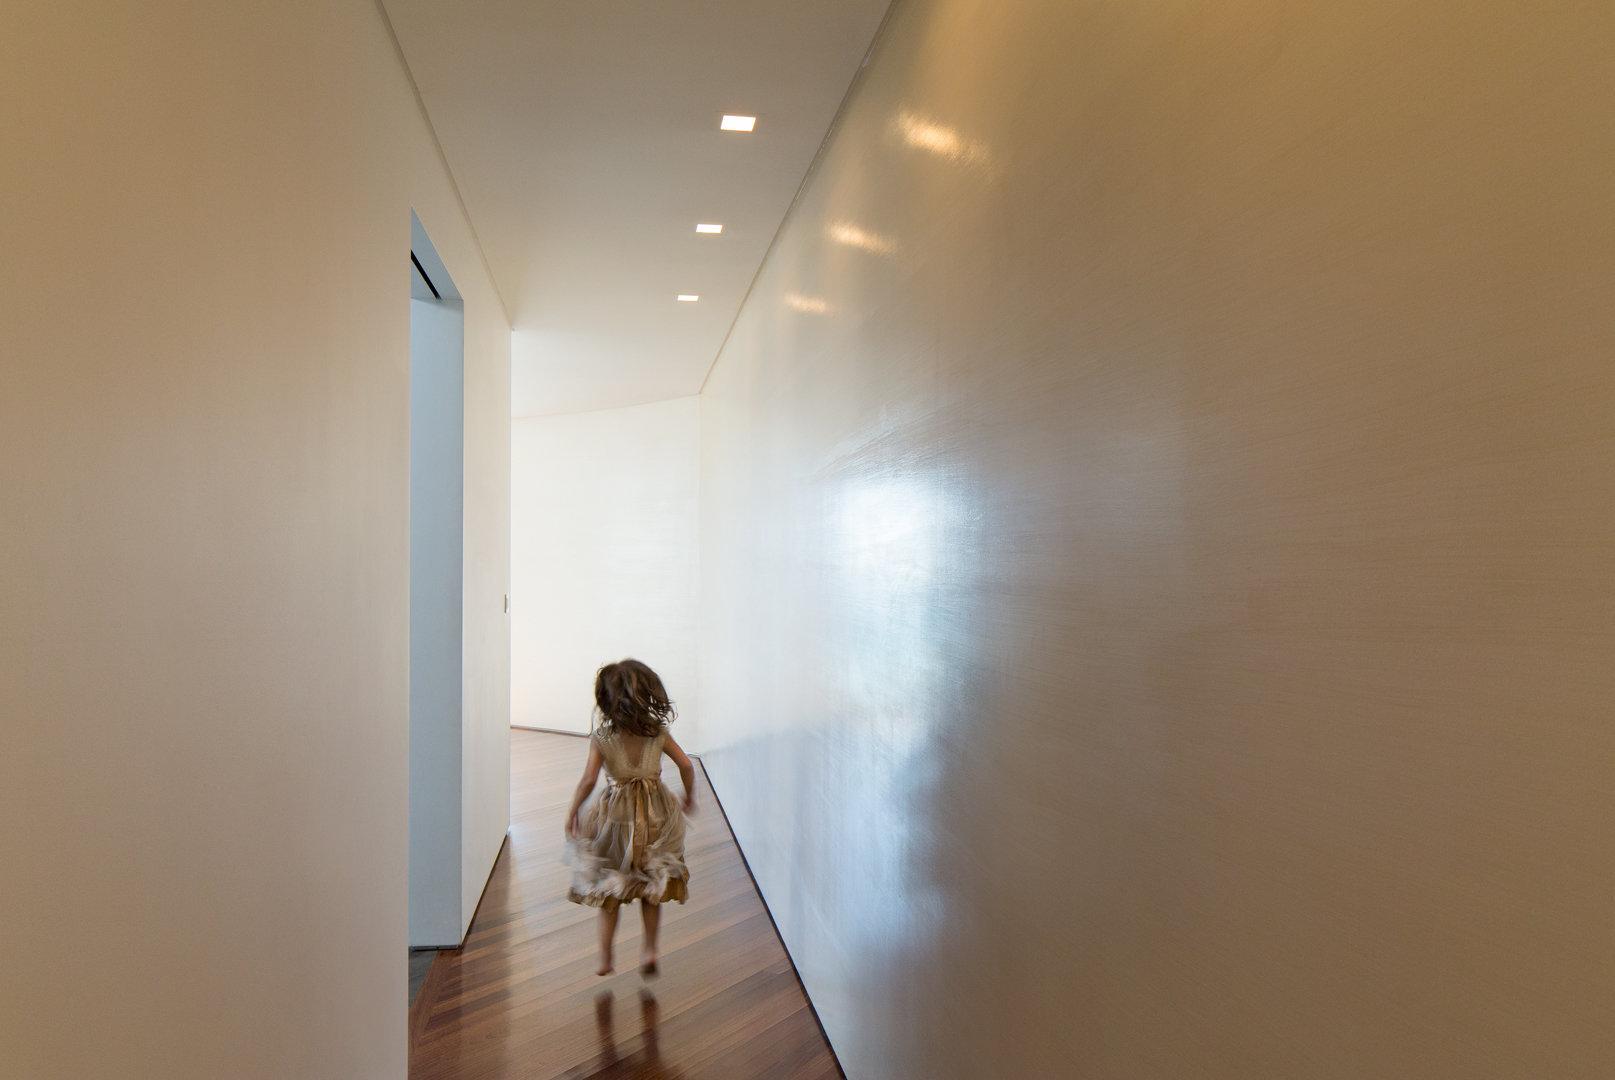 Lena_Crescentini_Girl-1-In-Hall_WEB.jpg